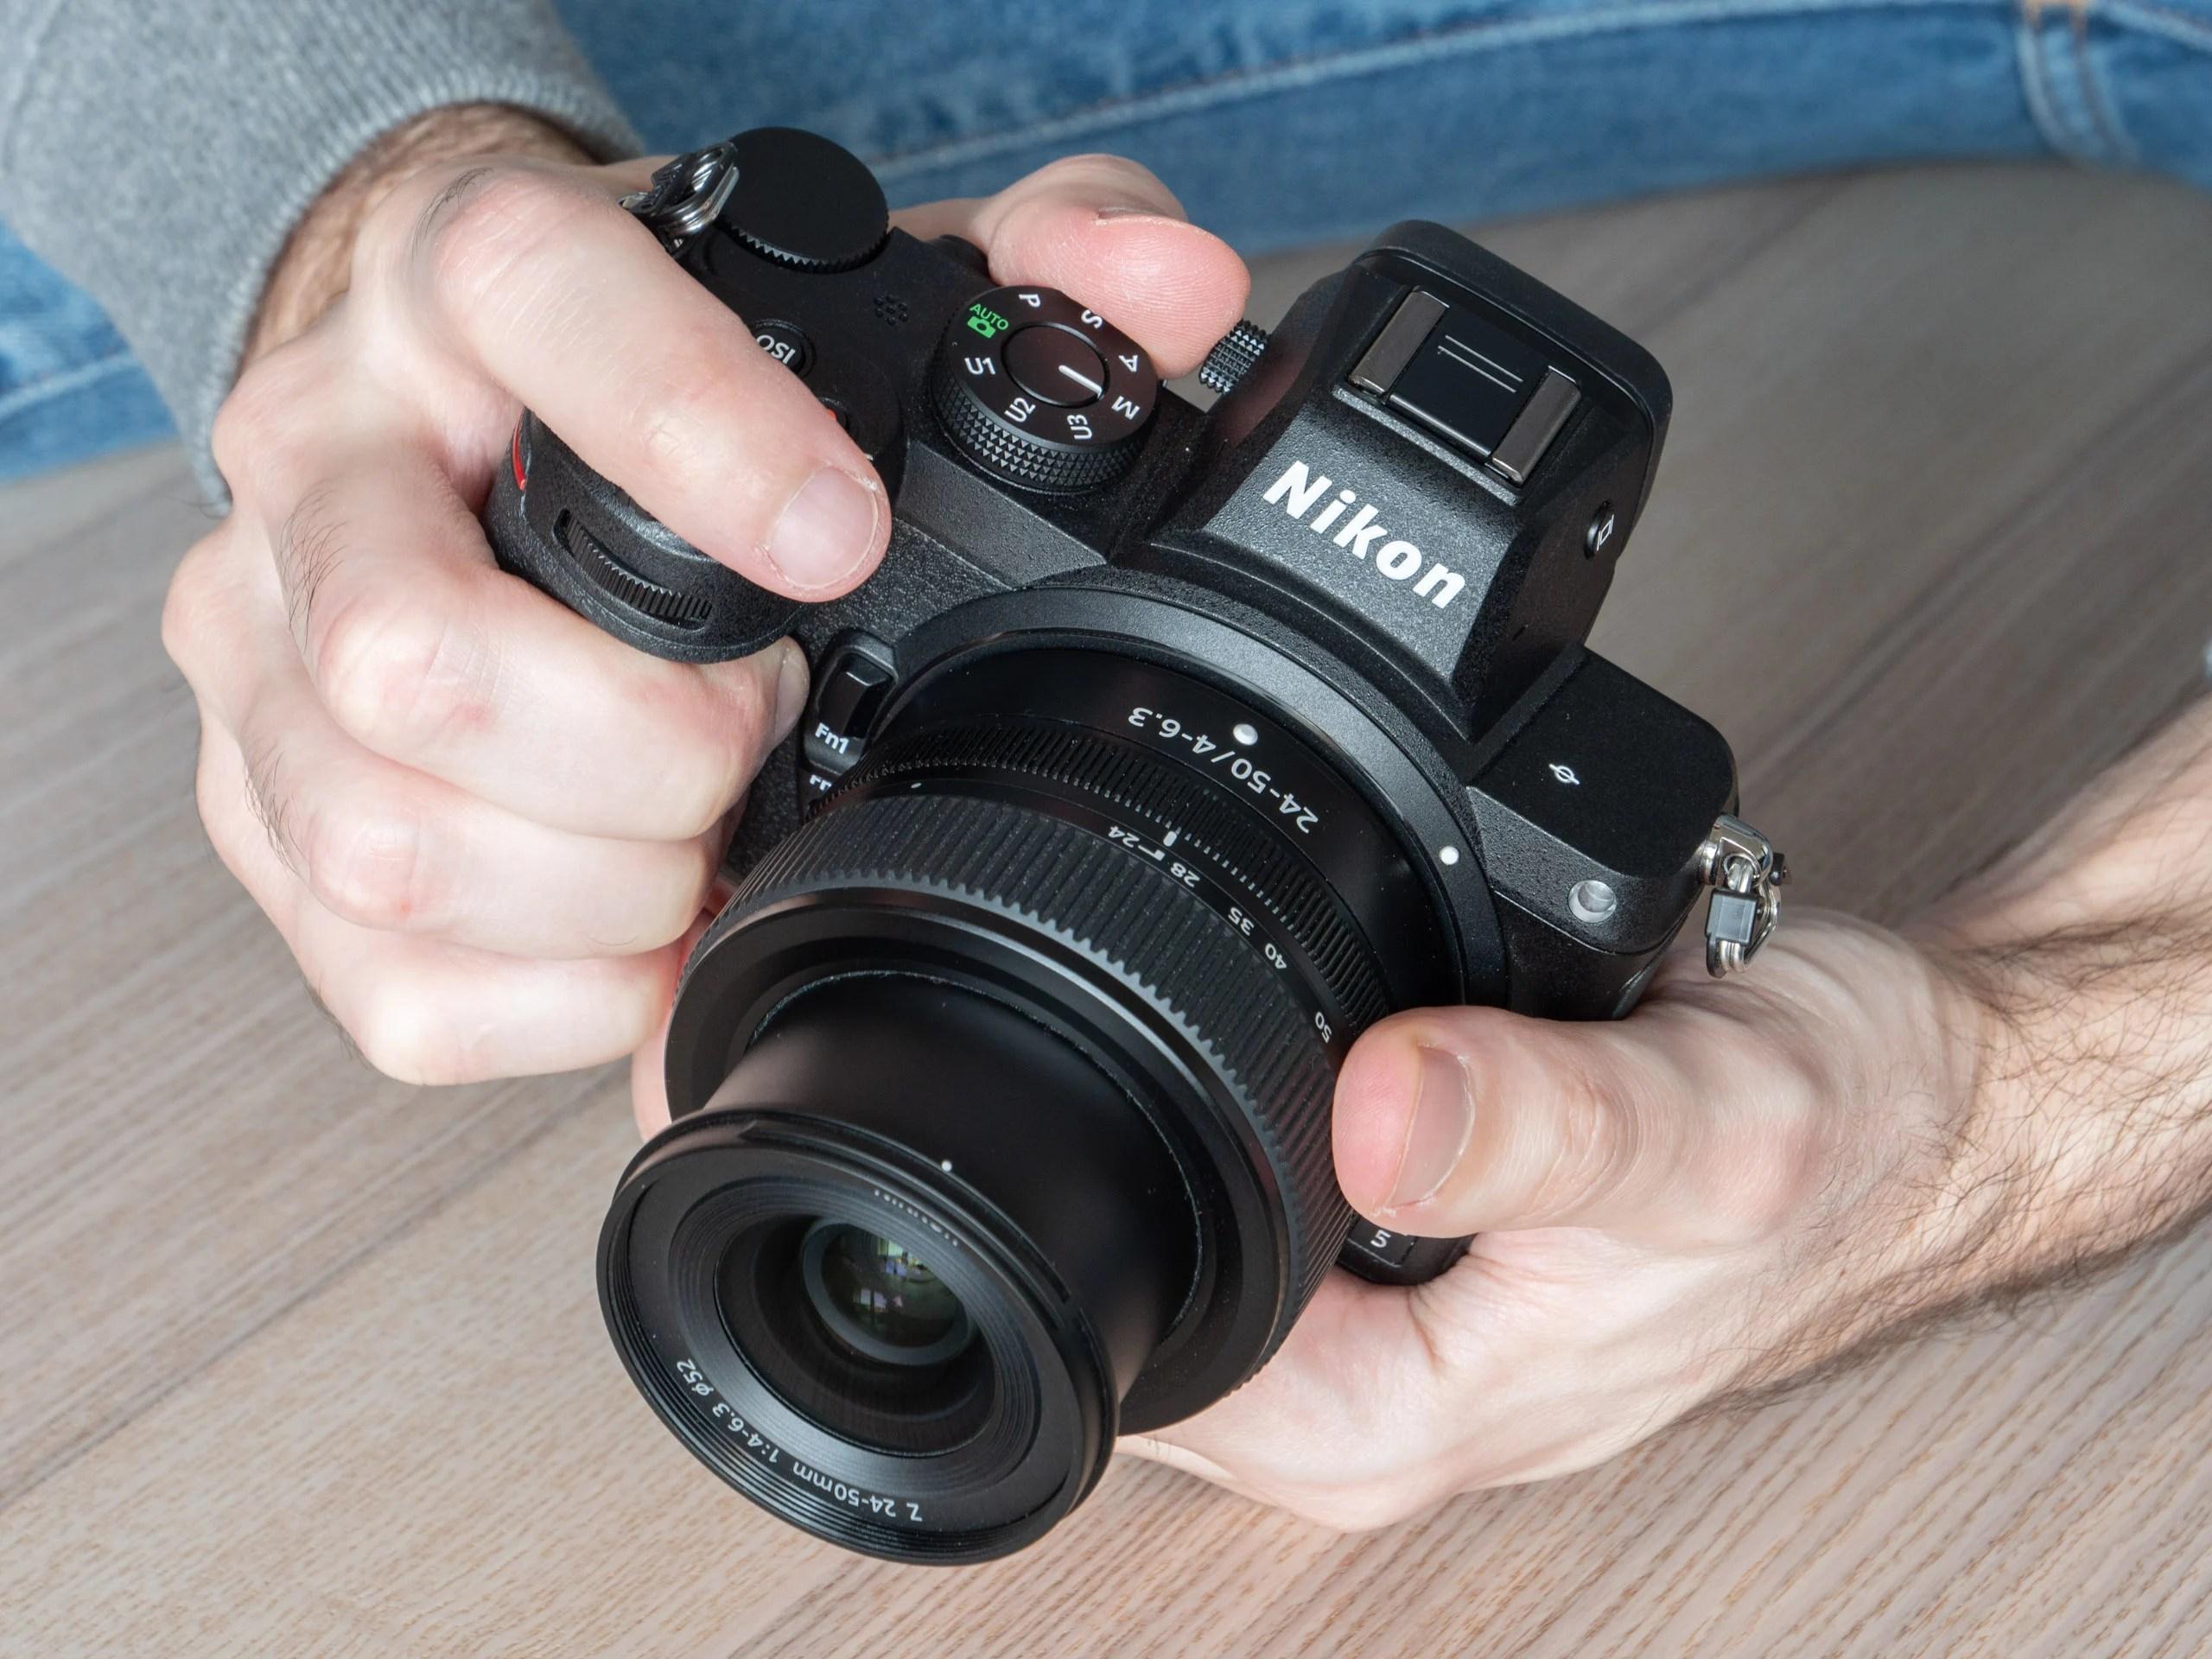 Test du Nikon Z5: la photo plein format pour moins de 2000euros